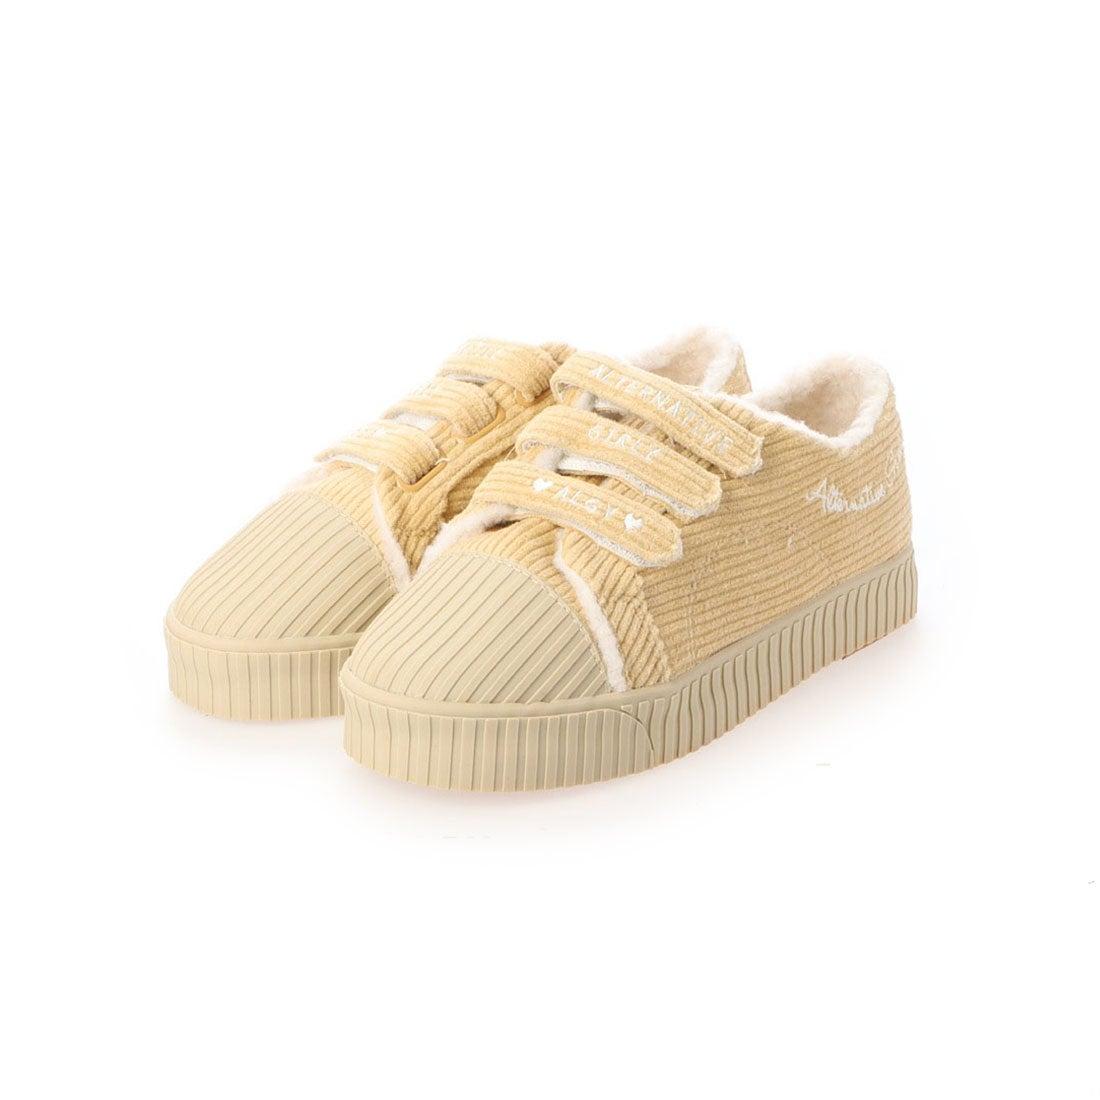 ロコンド 靴とファッションの通販サイトアルジー ALGY ボア使い3連ベルト 厚底スニーカー (BE)